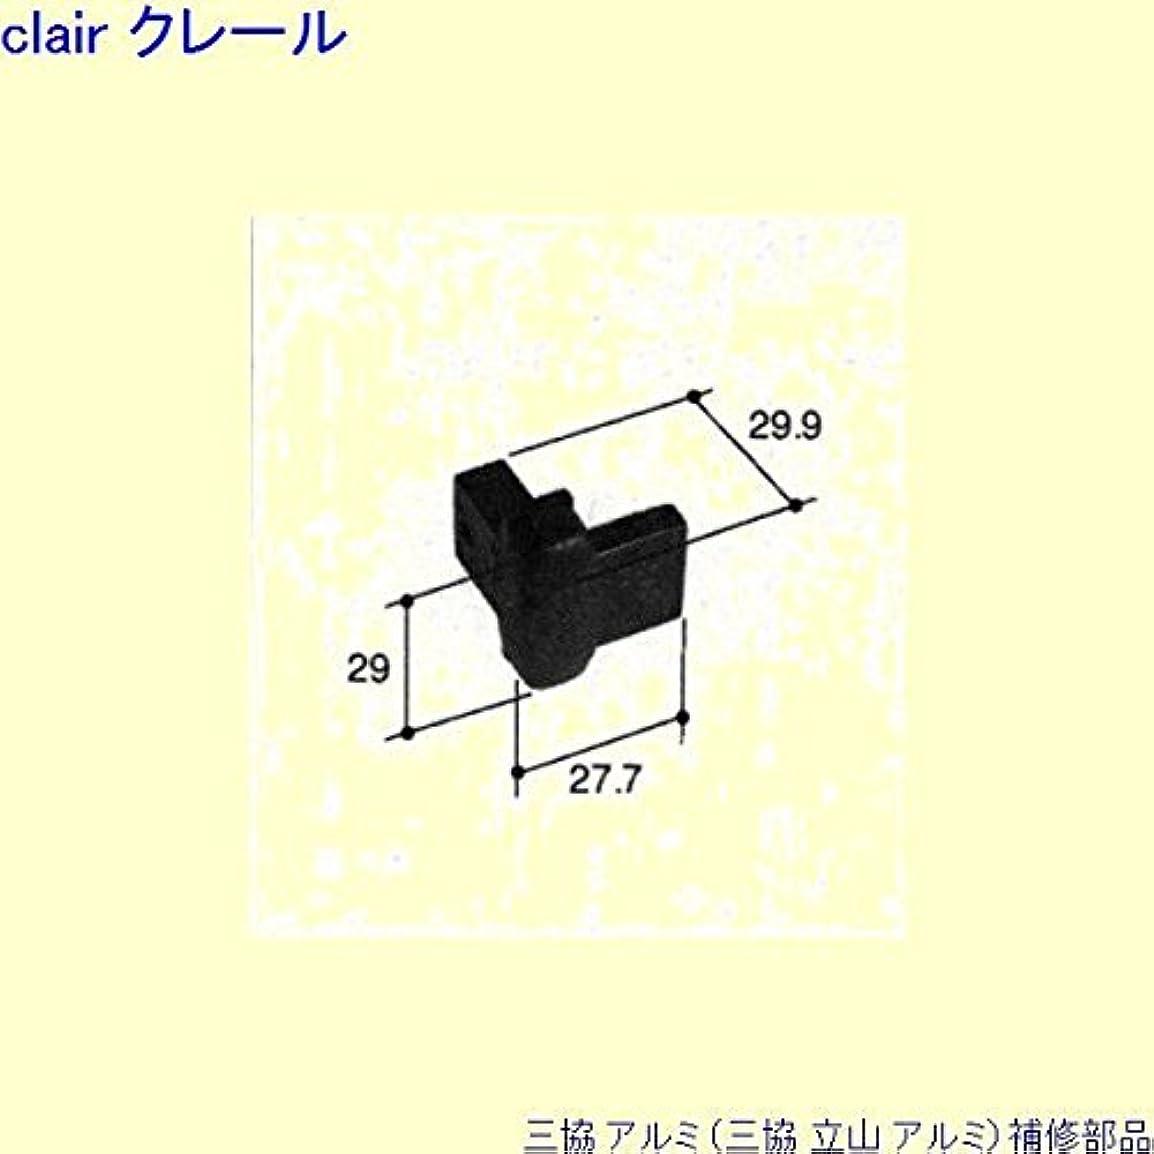 侵略不潔ディレイ三協アルミ 補修部品 装飾窓 錠(たてかまち)[PKE3191] [KC]ブラック *製品色?形状等仕様変更になる場合があります*